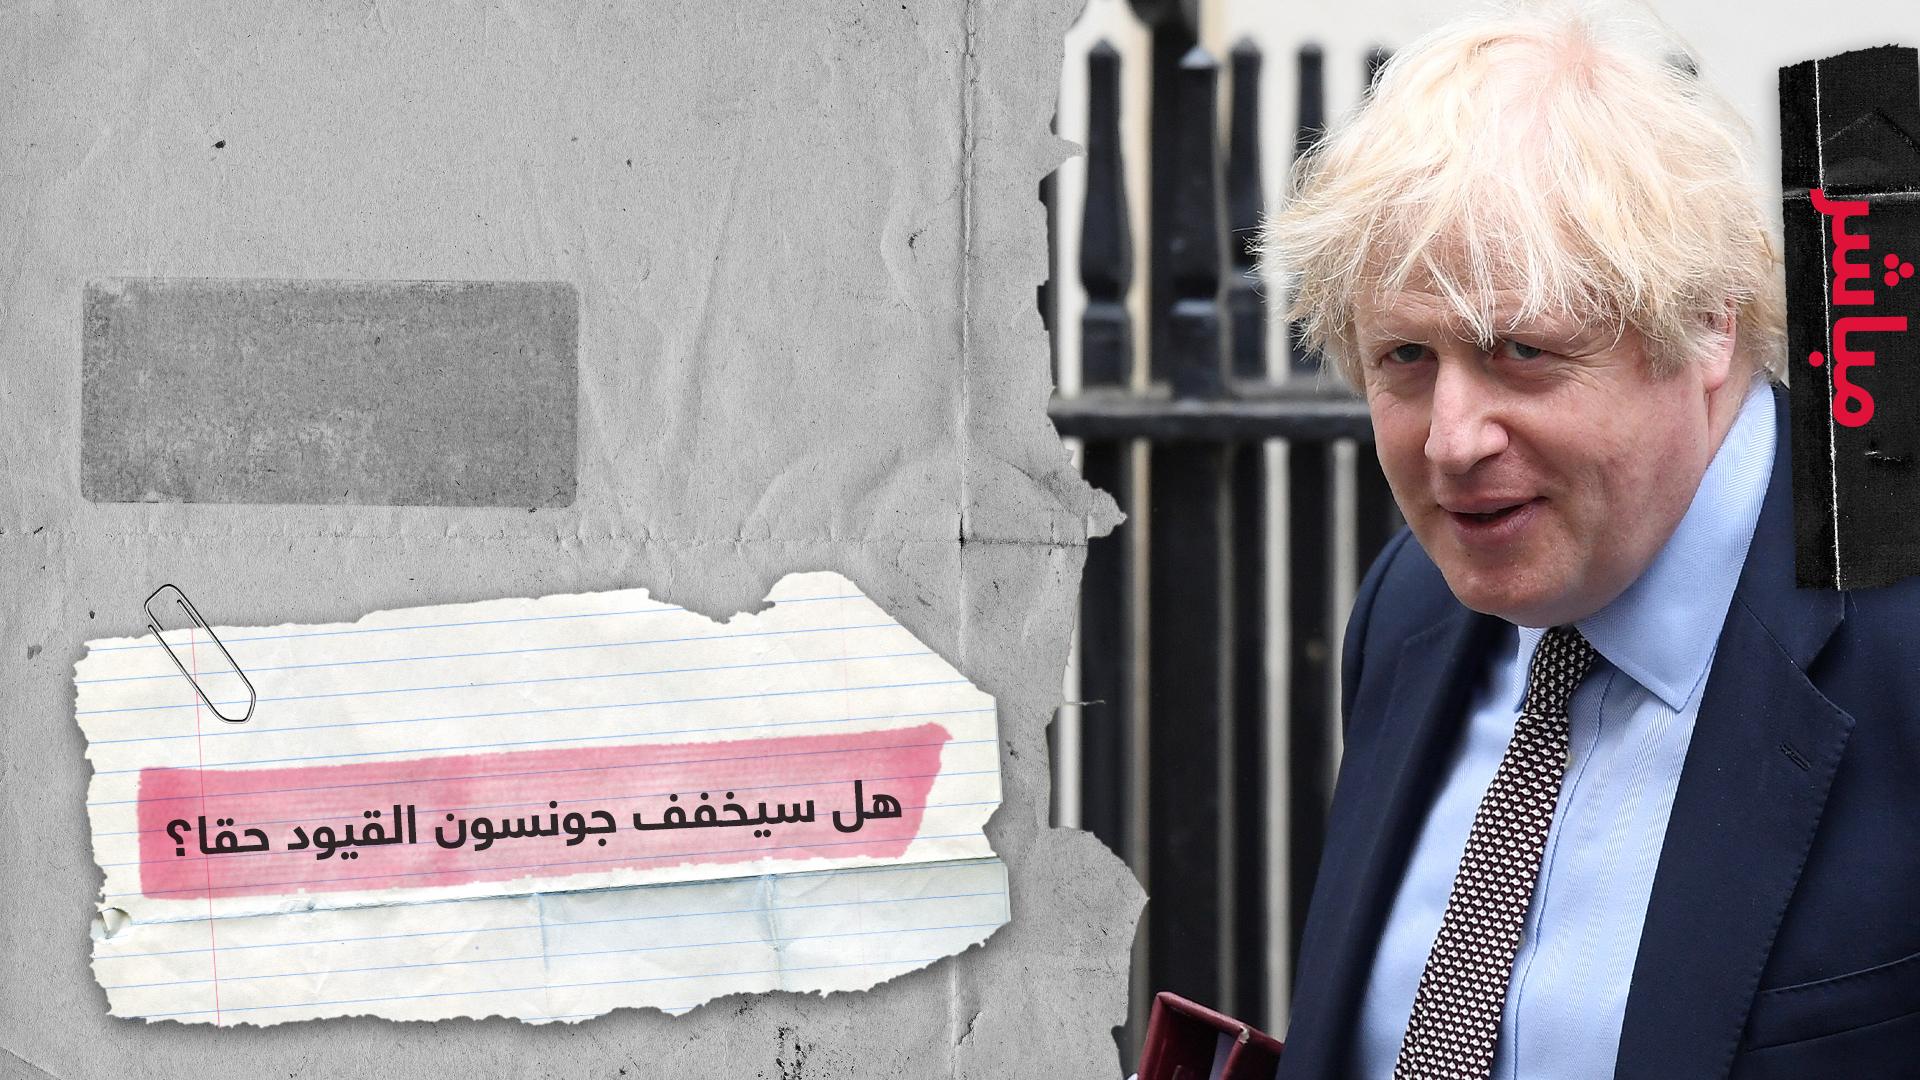 وسط تحذيرات من موجة كورونا جديدة.. جونسون يعتزم تخفيف قيود العزل ببريطانيا